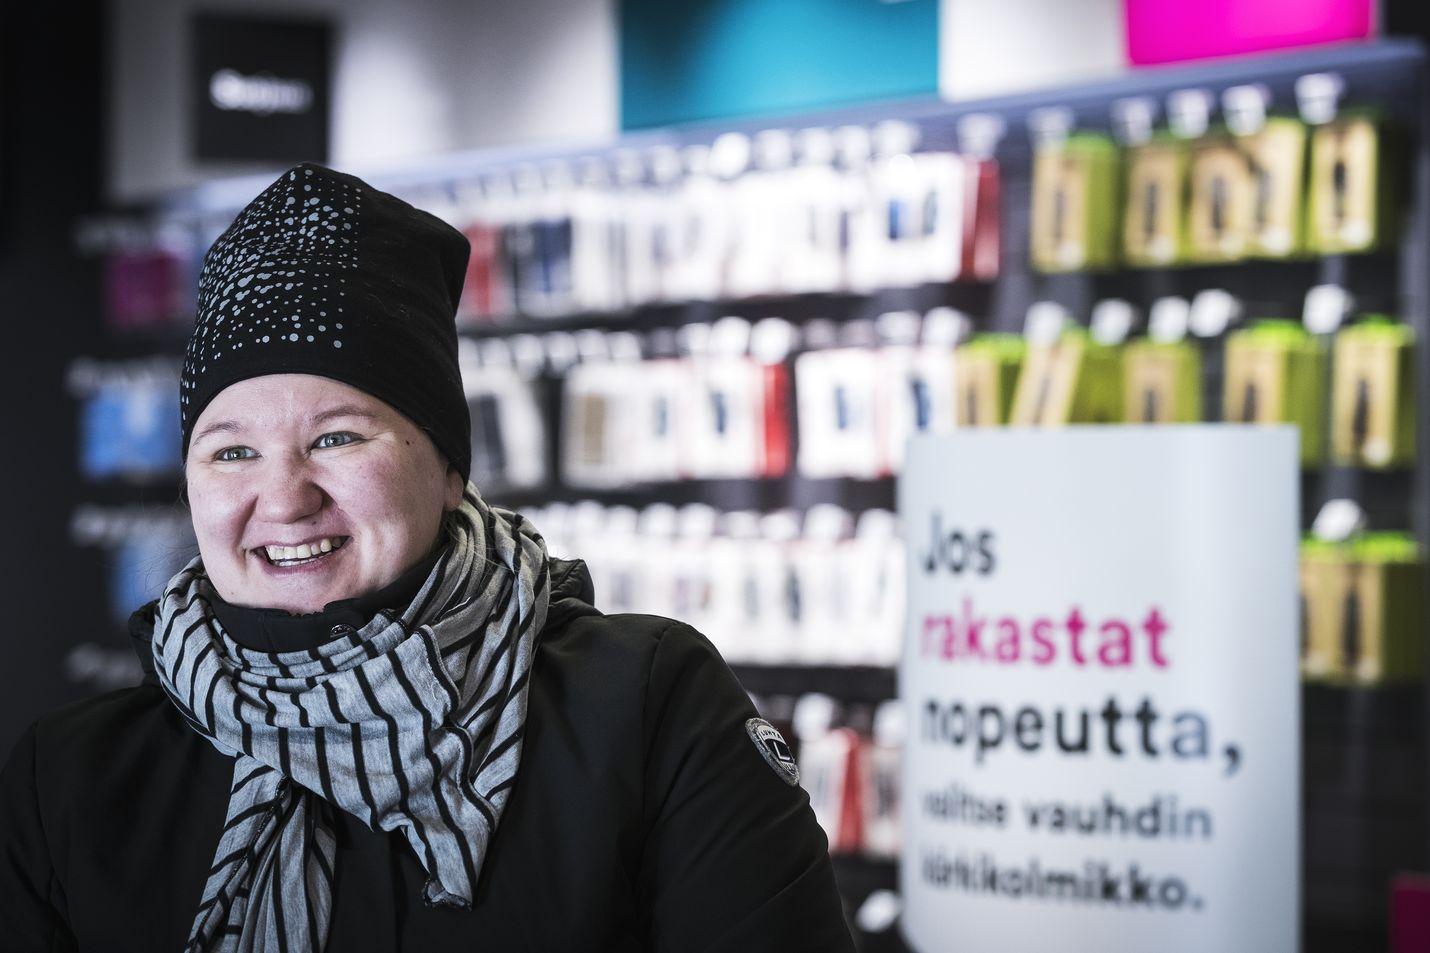 Riikka Maksimainen vieraili DNA-kaupassa takuuasioissa. Hän pitää matkapuhelinliittymässä tärkeimpänä asiana sitä, että liittymä toimii.